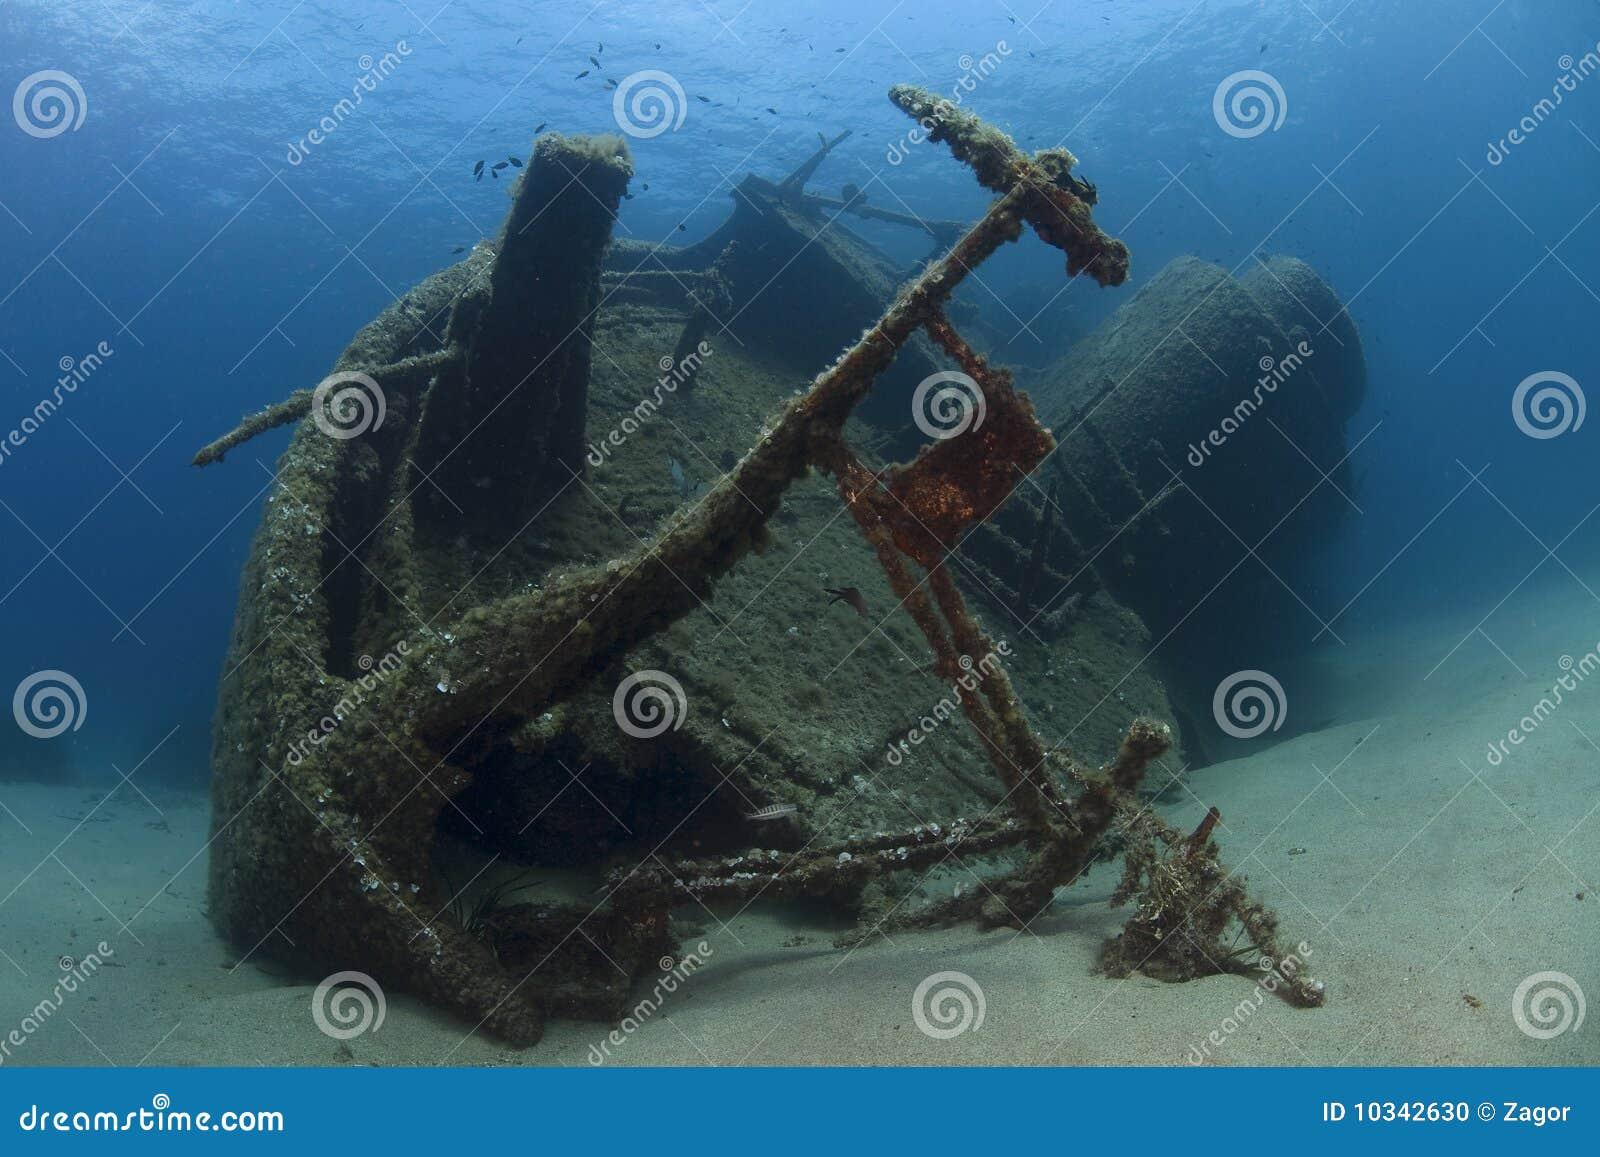 Podwodny wrak